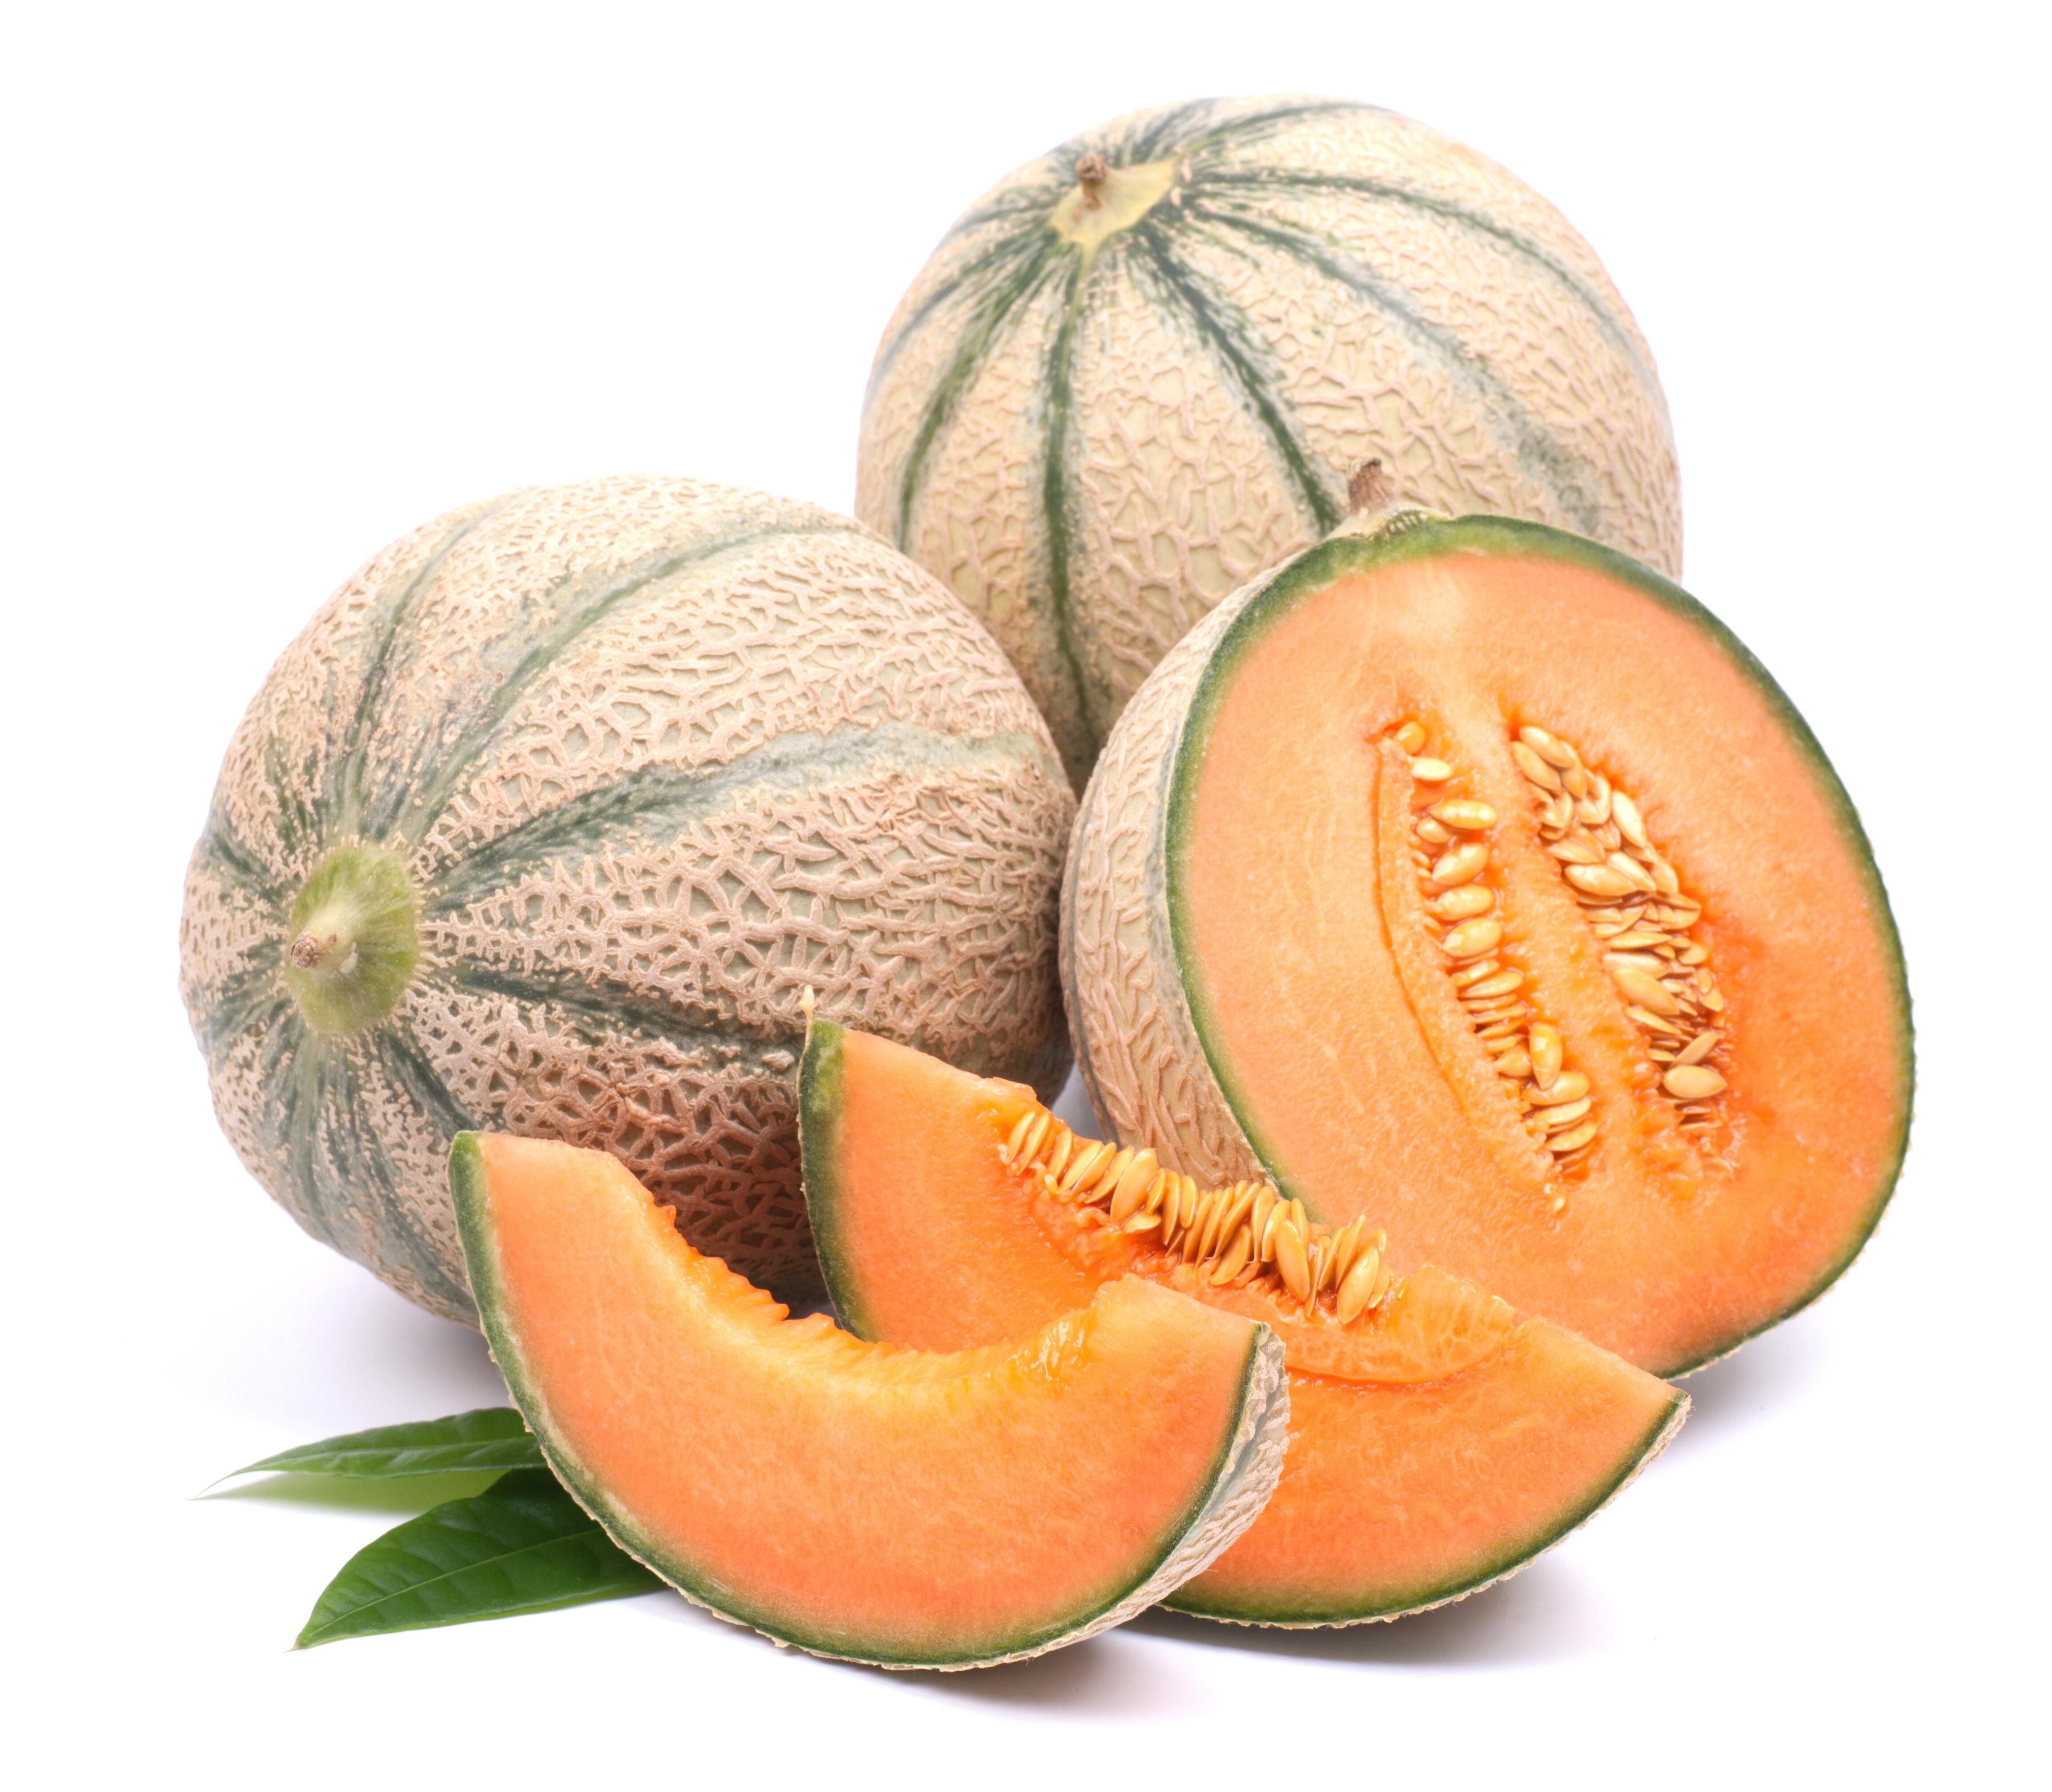 High Resolution Wallpaper | Melon 4615x4030 px